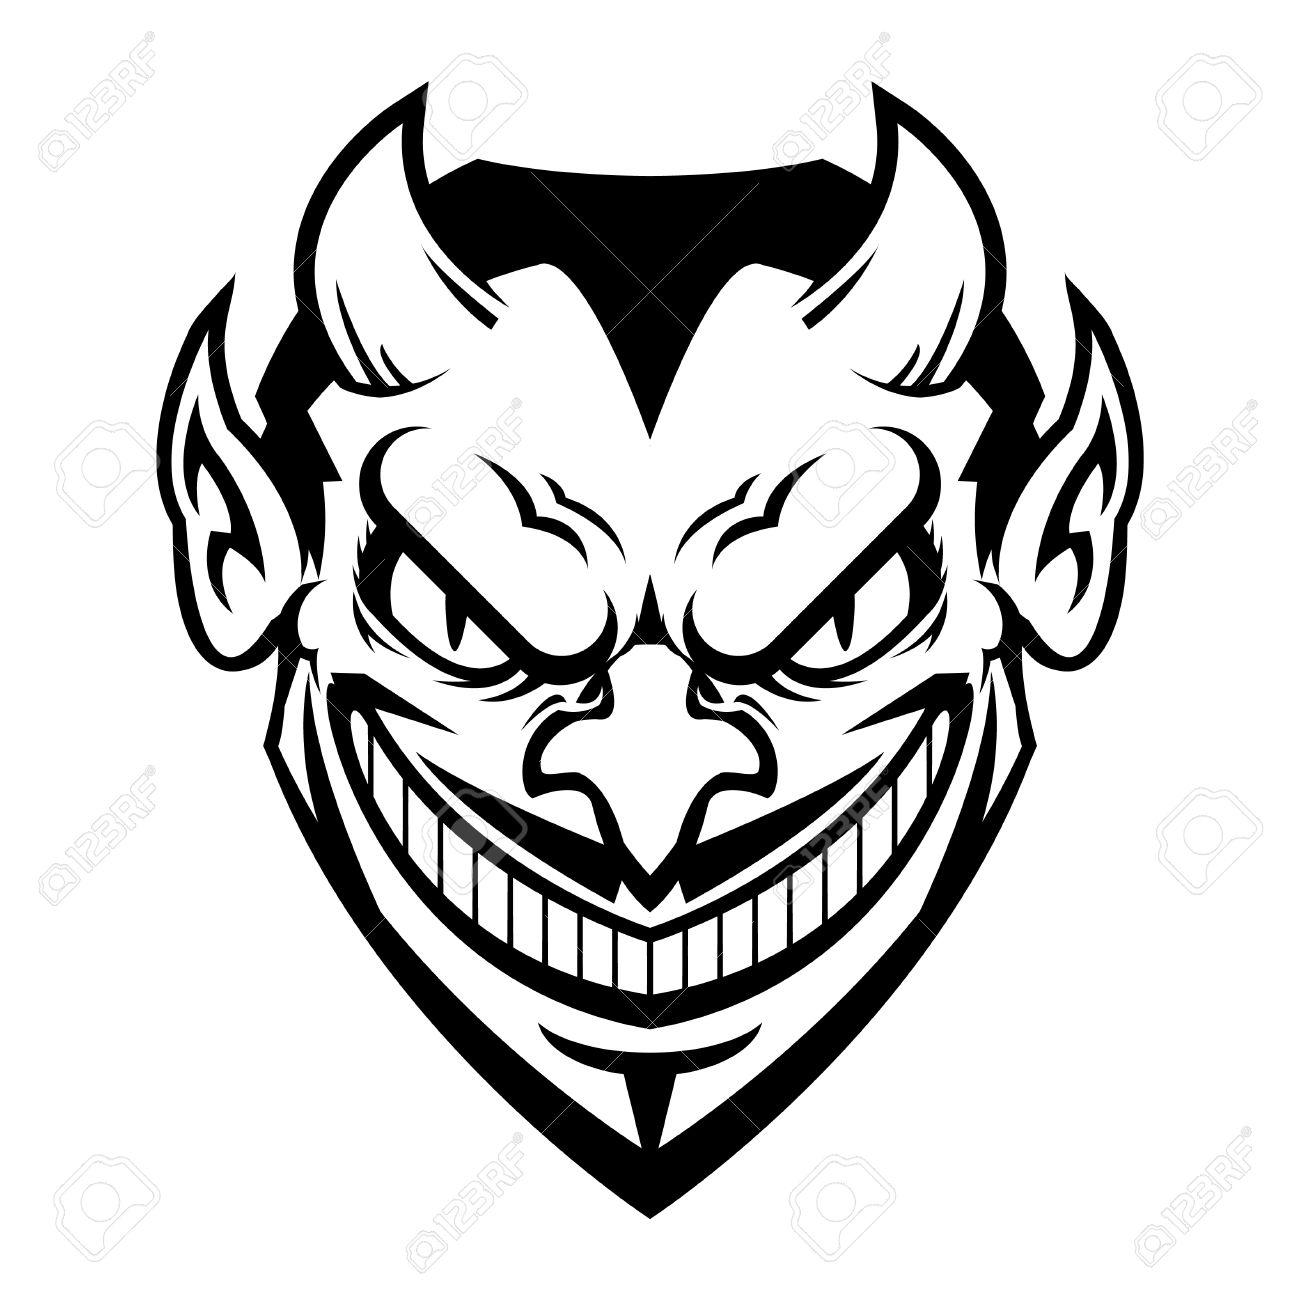 1300x1300 Devil Cartoon Head Vector Icon Royalty Free Cliparts, Vectors,